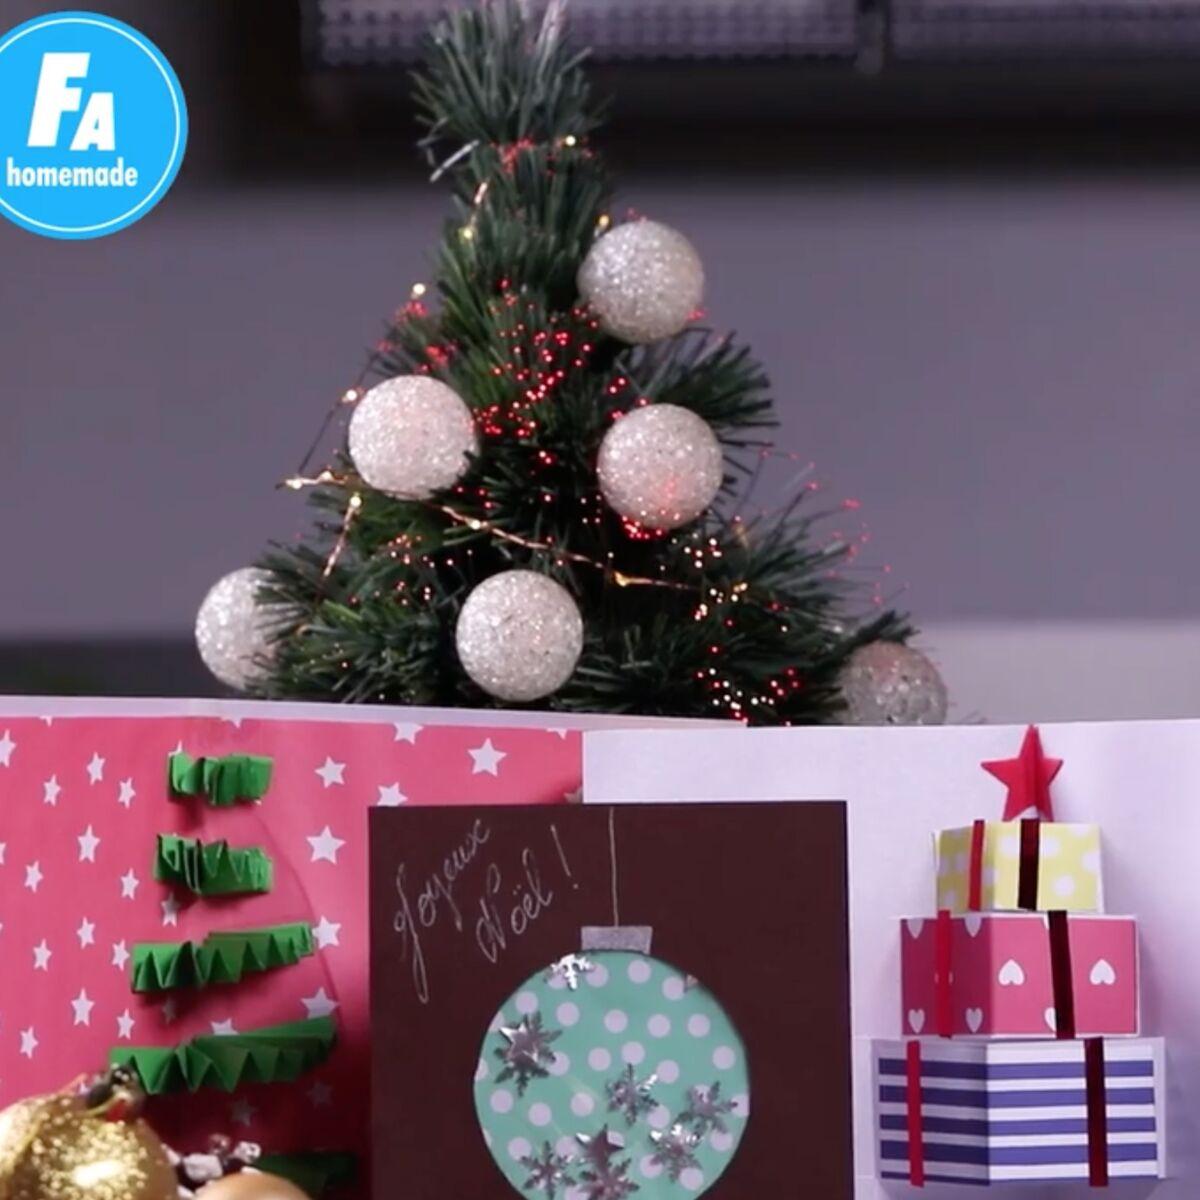 Carte De Voeux 3D A Fabriquer femme actuelle - 3 cartes de vœux pour noël